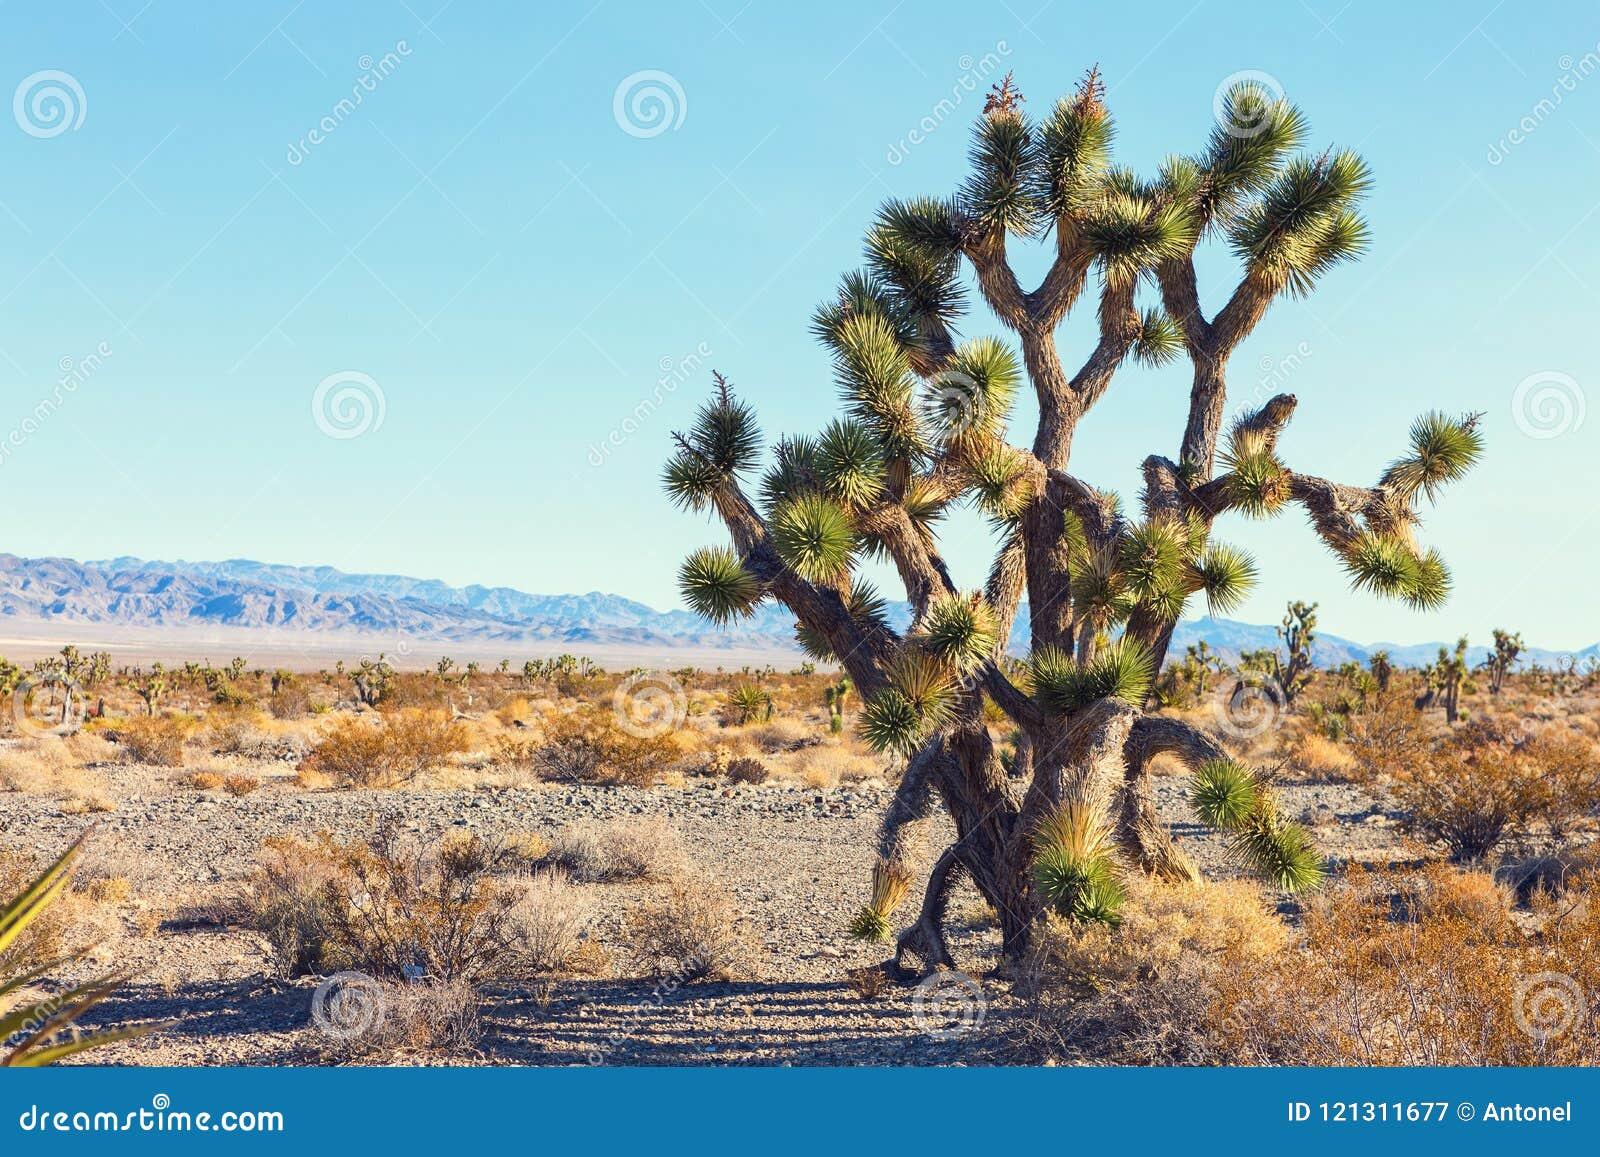 Μεγάλο δέντρο του Joshua στο Mojave Deserte, Καλιφόρνια, Ηνωμένες Πολιτείες